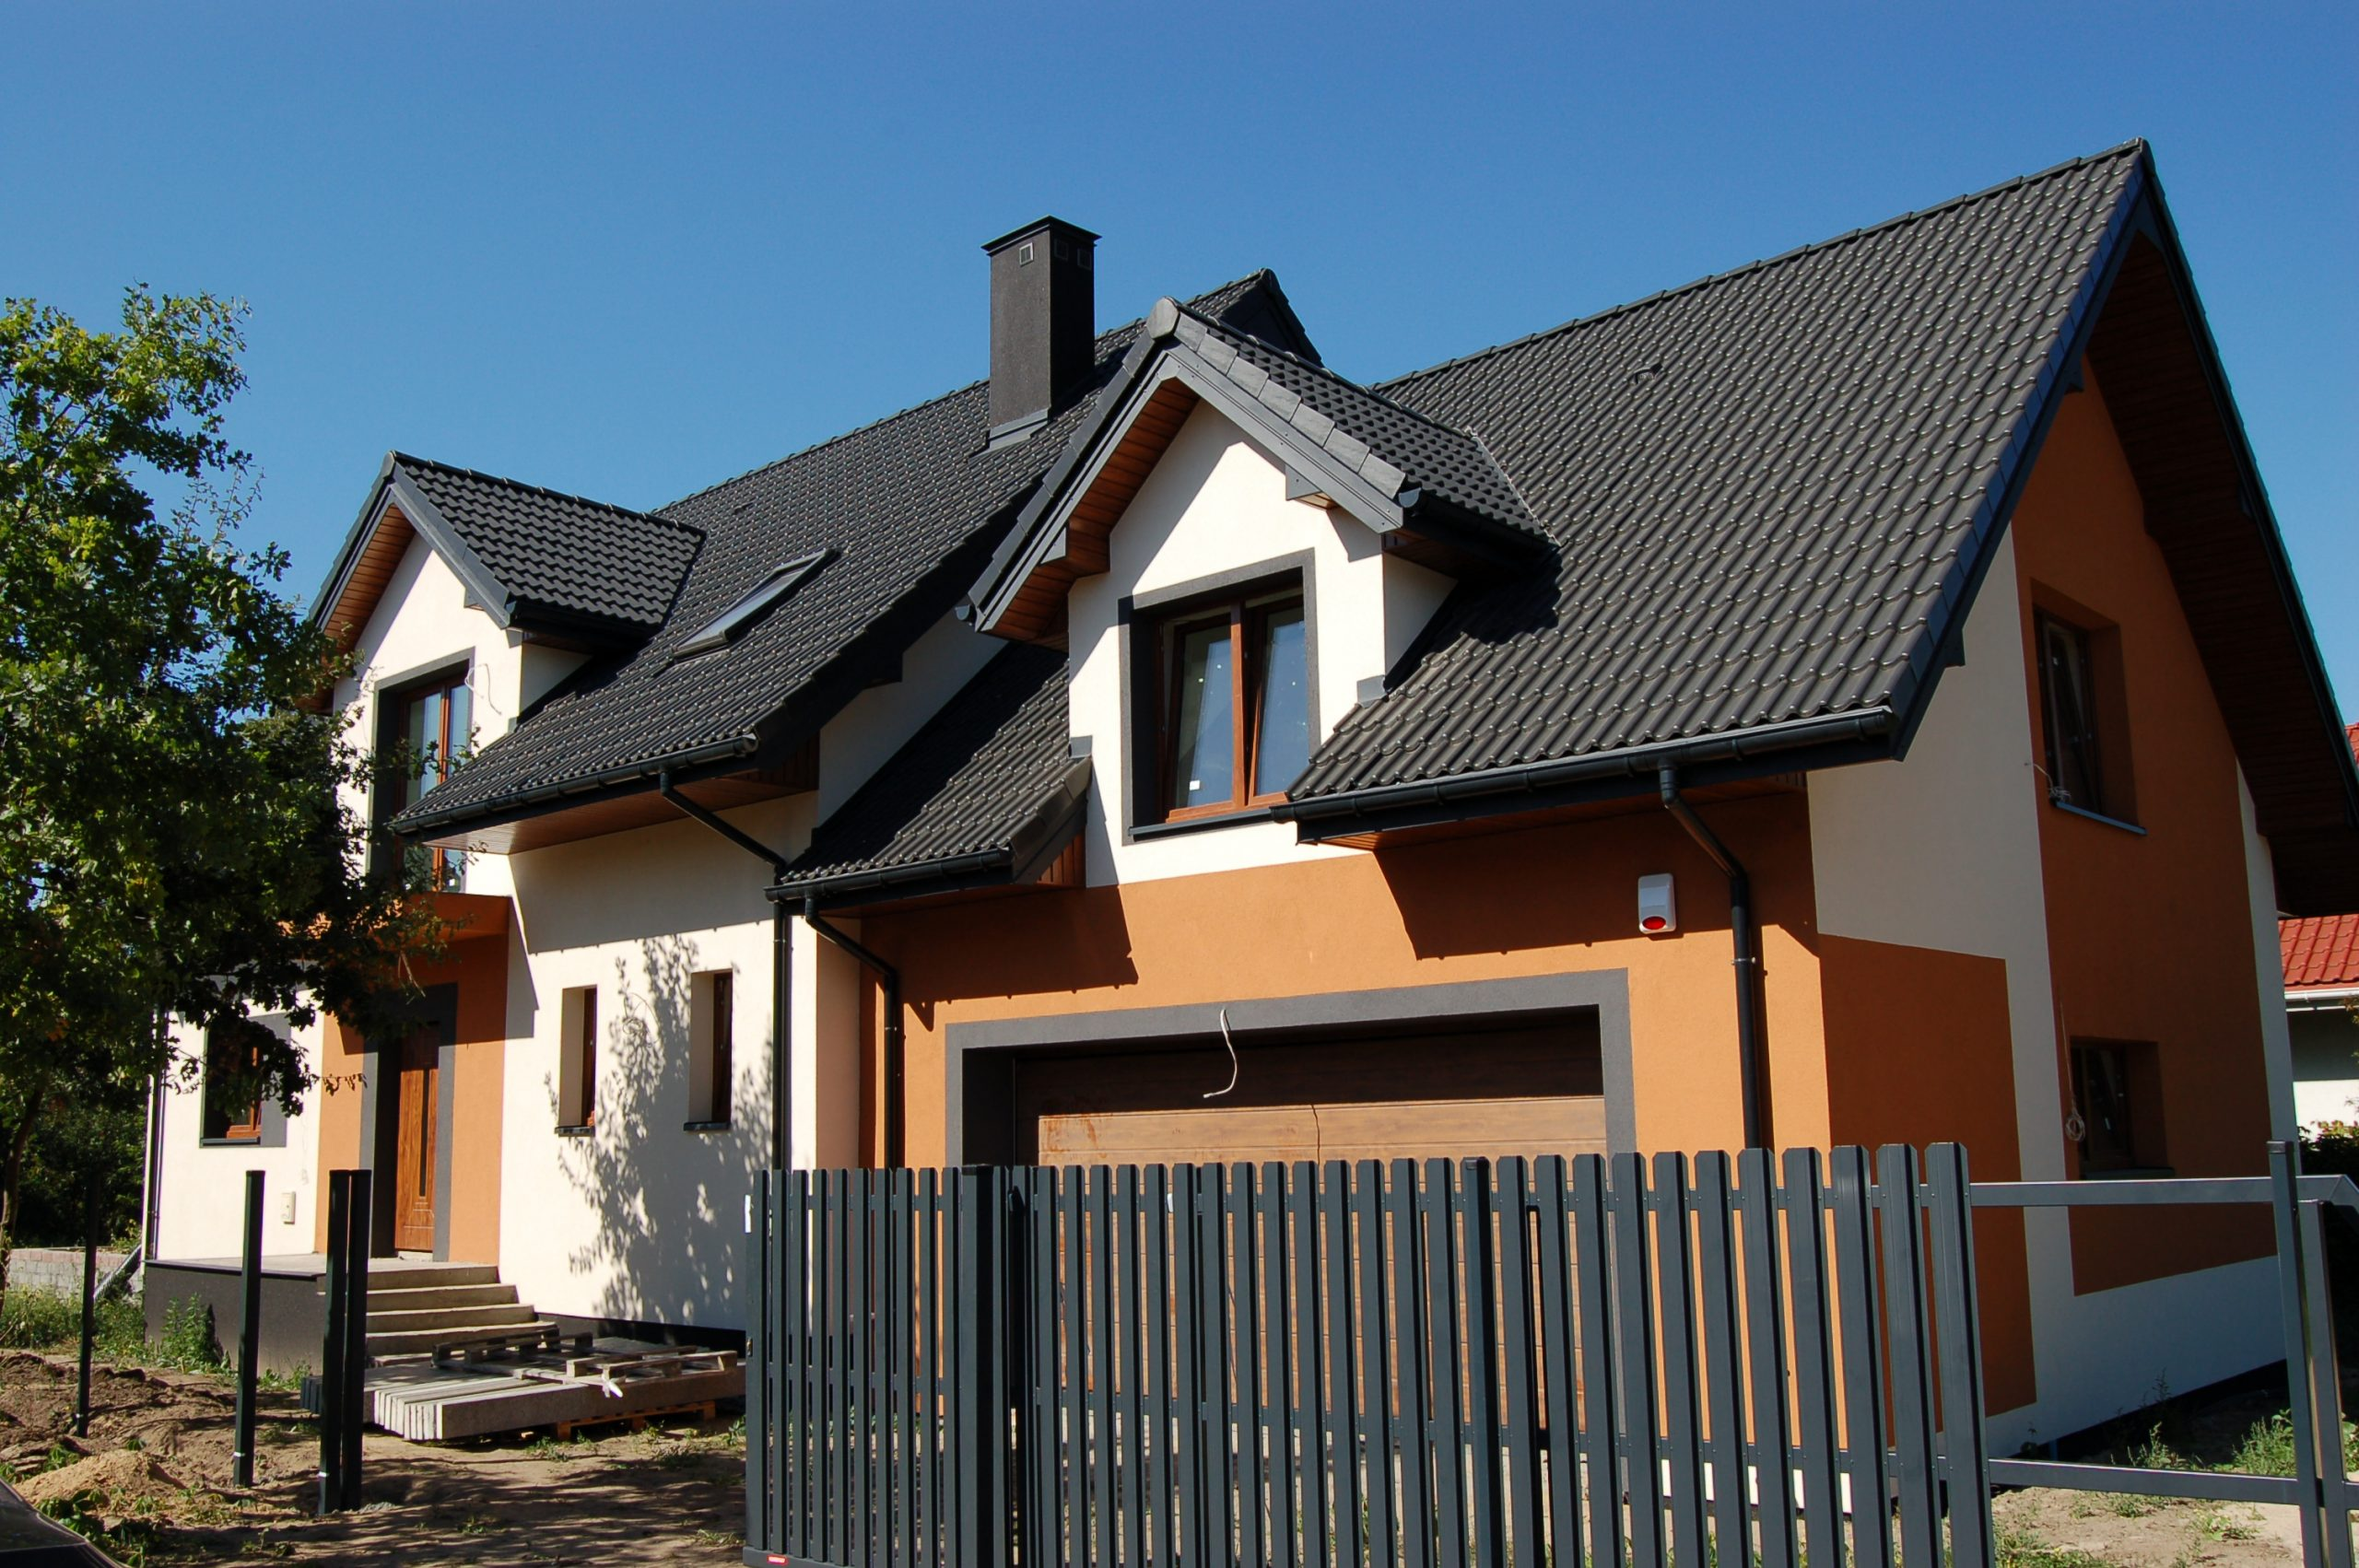 Grodzisk Mazowiecki cdevelopment budowa domu do stanu dweloperskiego